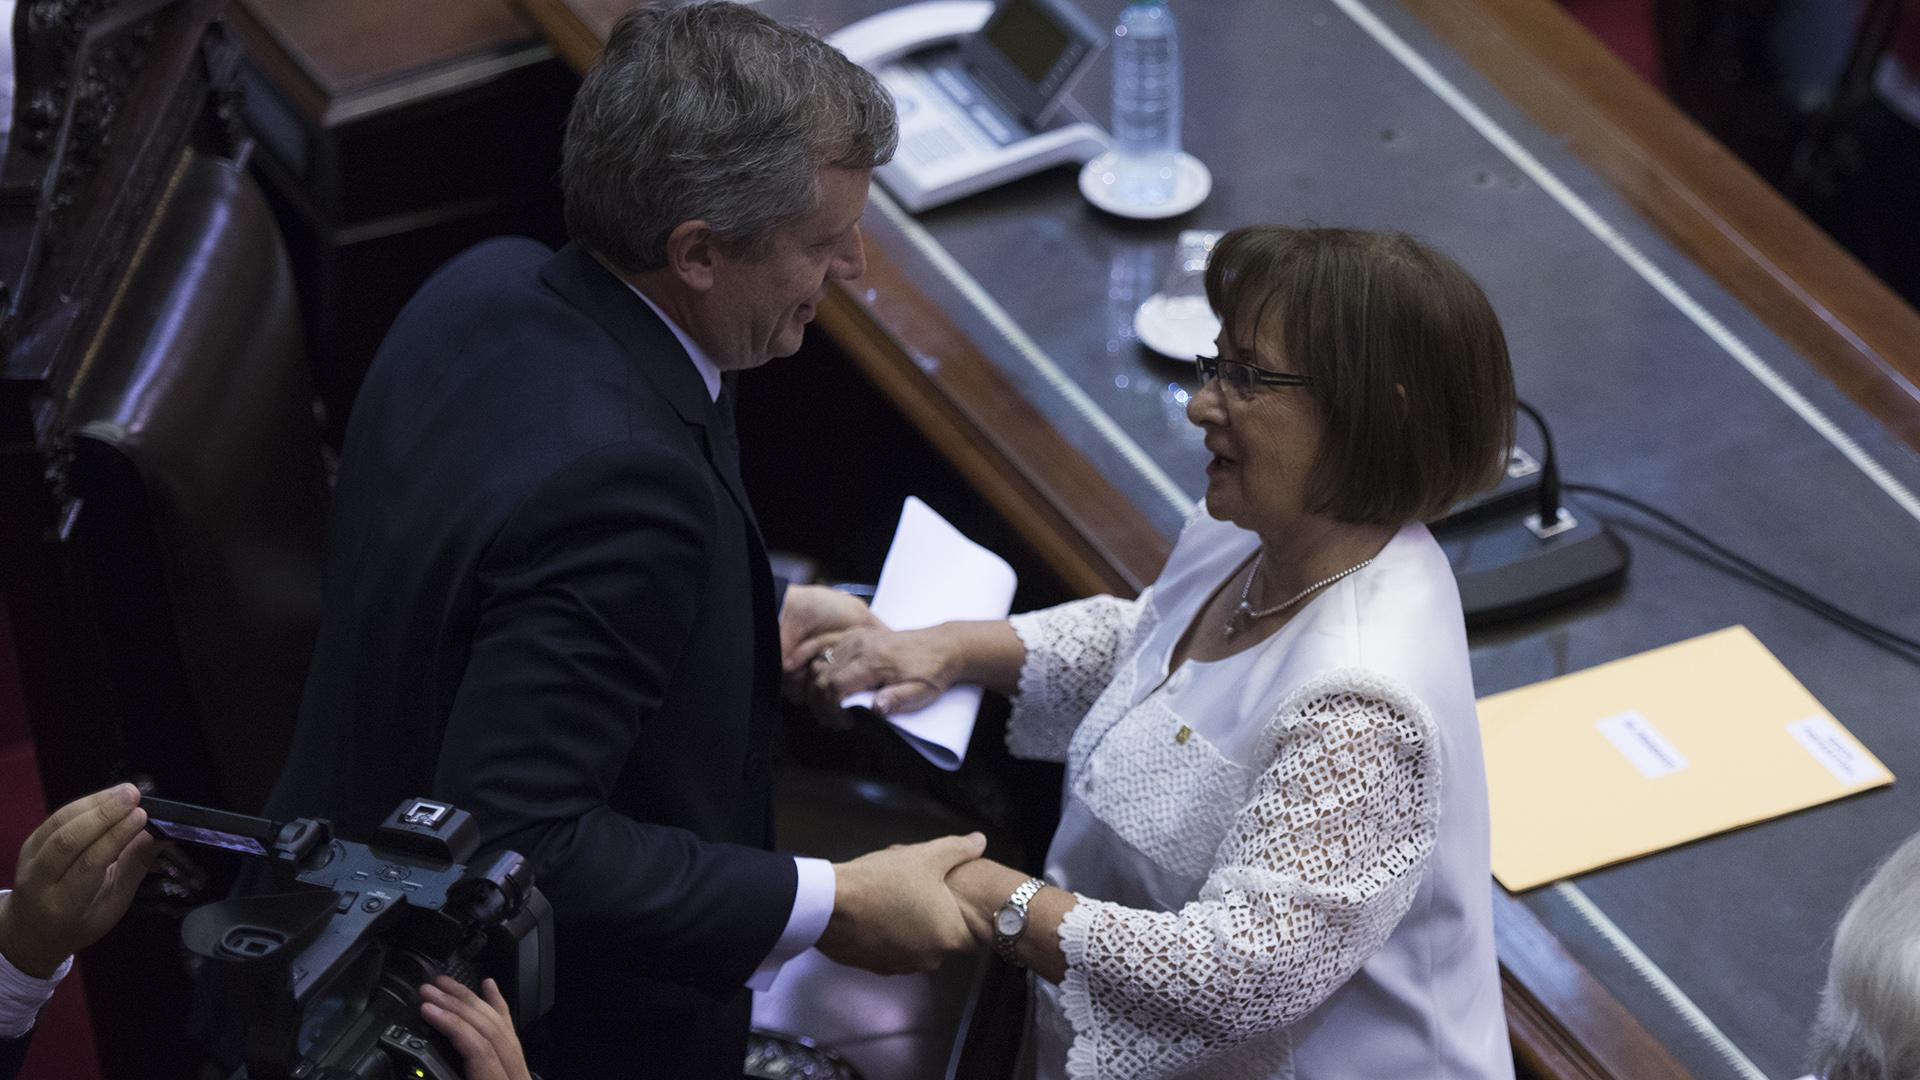 El presidente de la Cámara de Diputados Emilio Monzó y la diputada Mirta Pastoriza